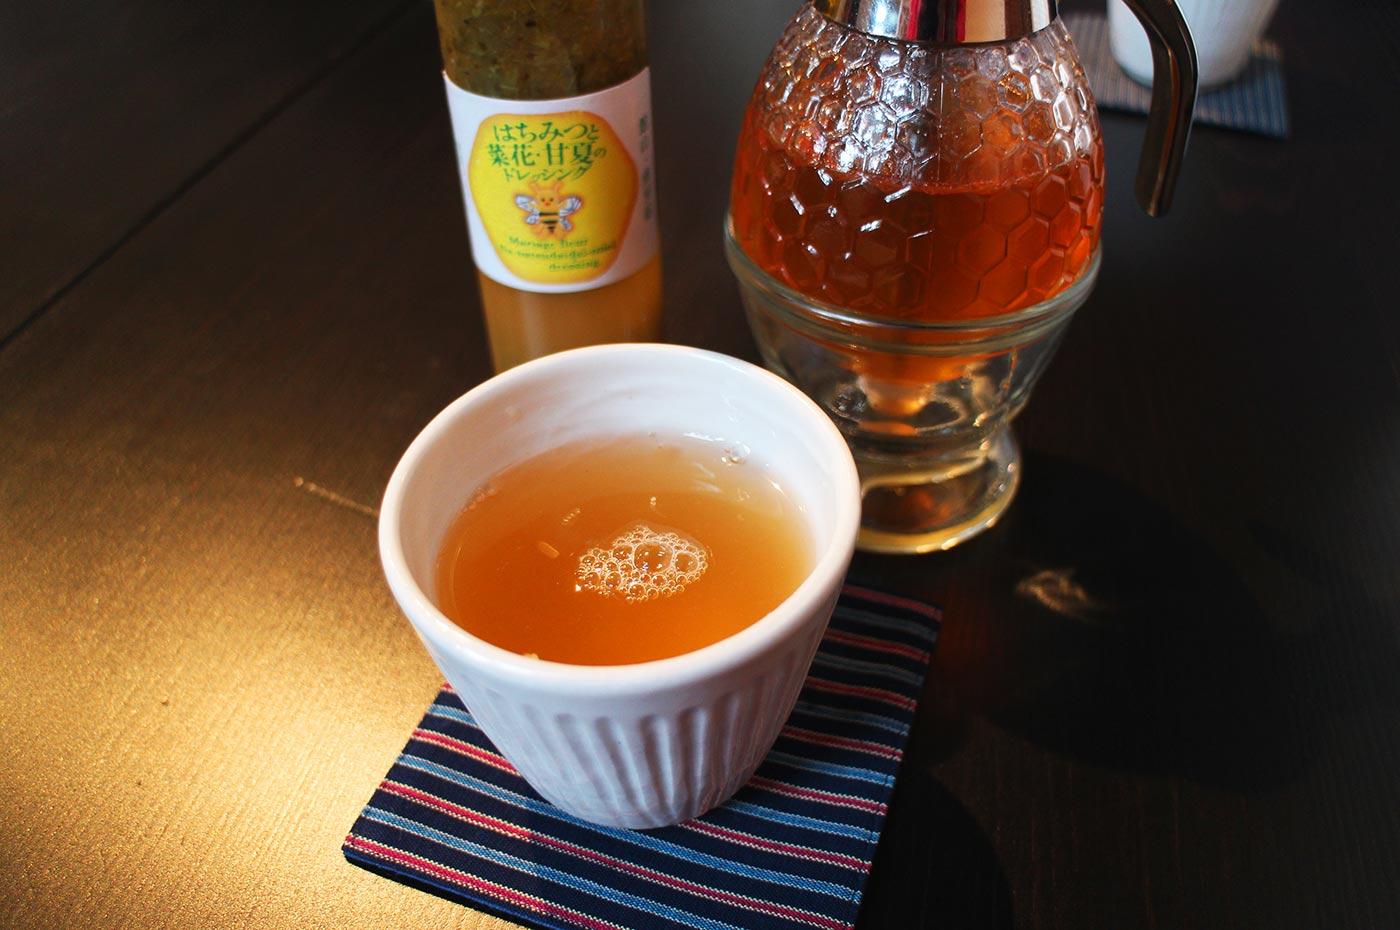 一二三養蜂園 カフェ123の蜂蜜レモンティー